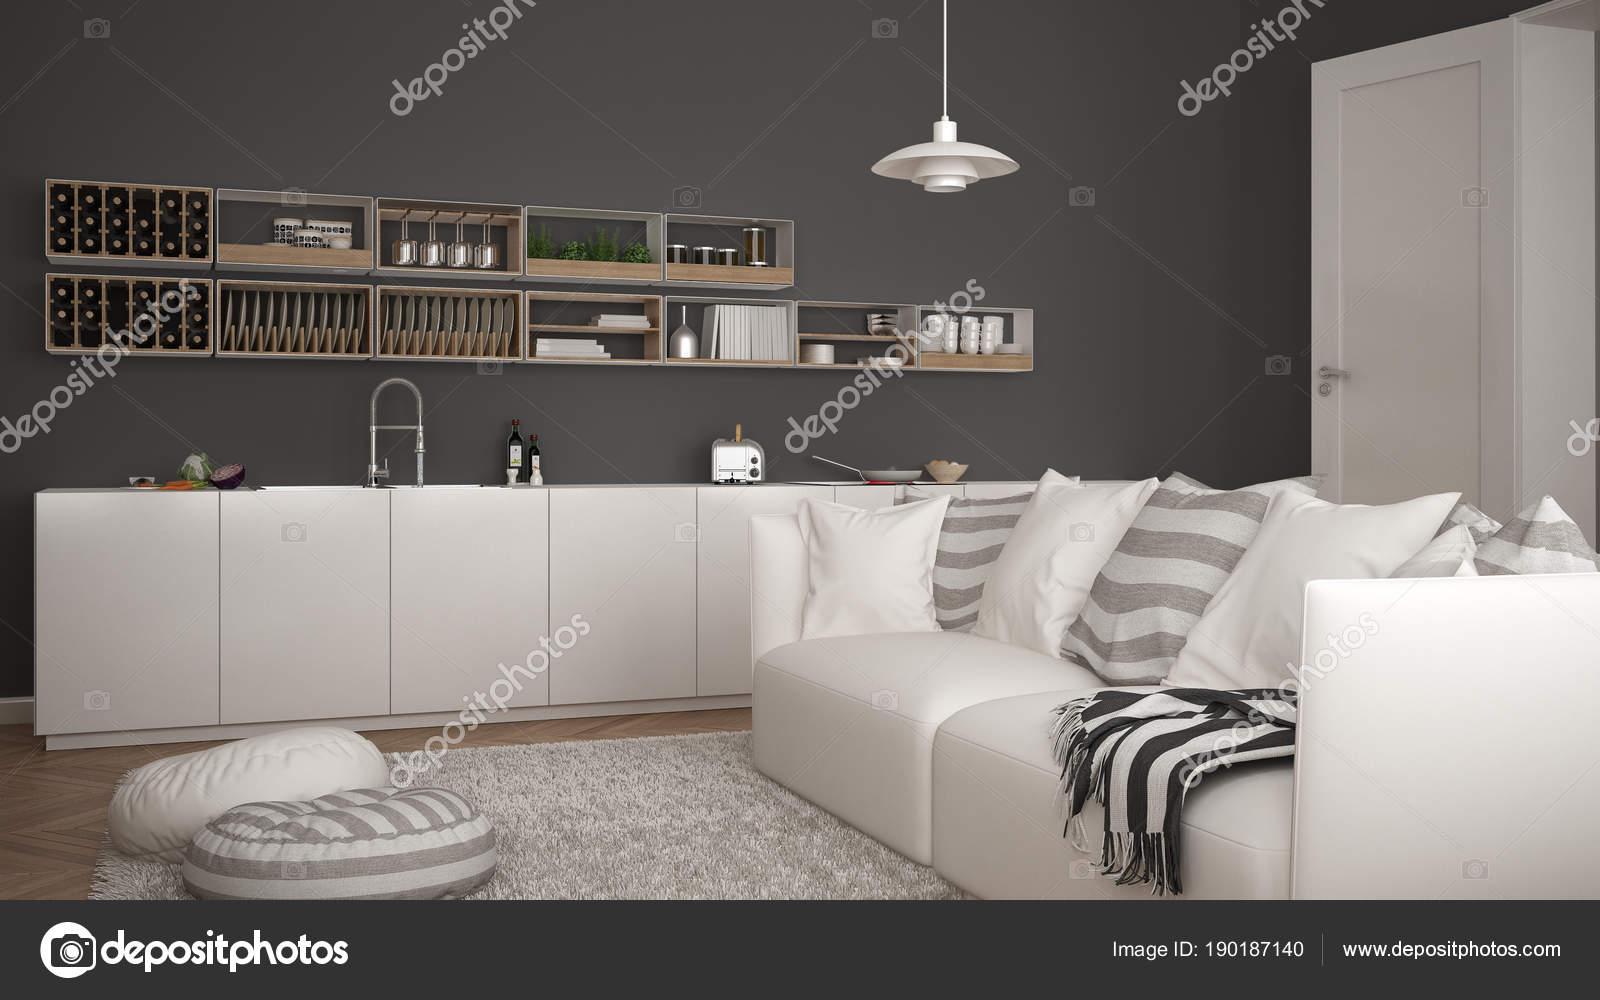 Salotto Moderno Bianco E Grigio : Scandinavo moderno salotto con cucina divano e tappeto con cuscini